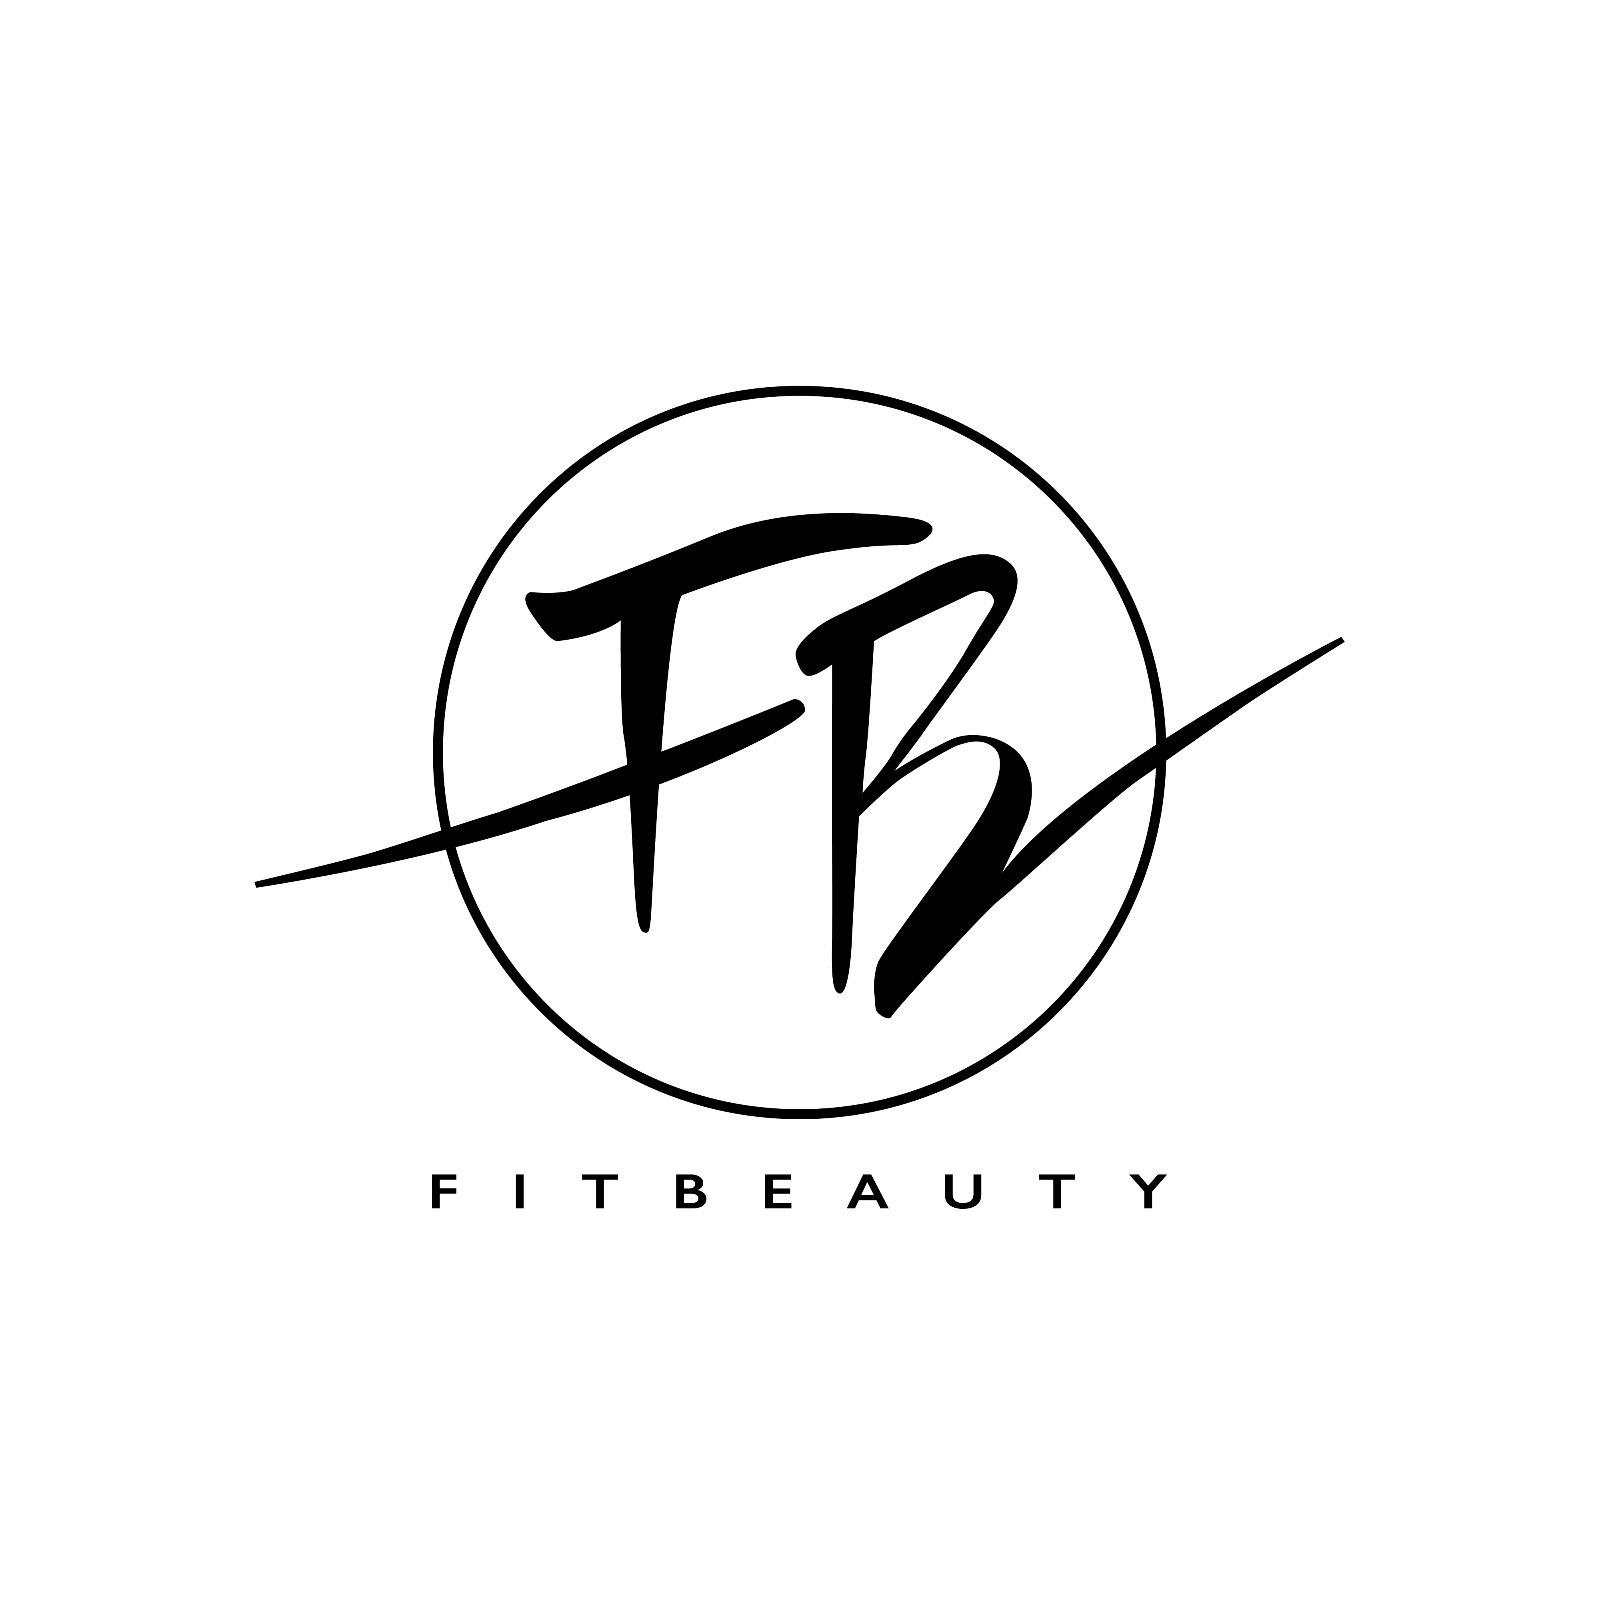 Fitbeauty